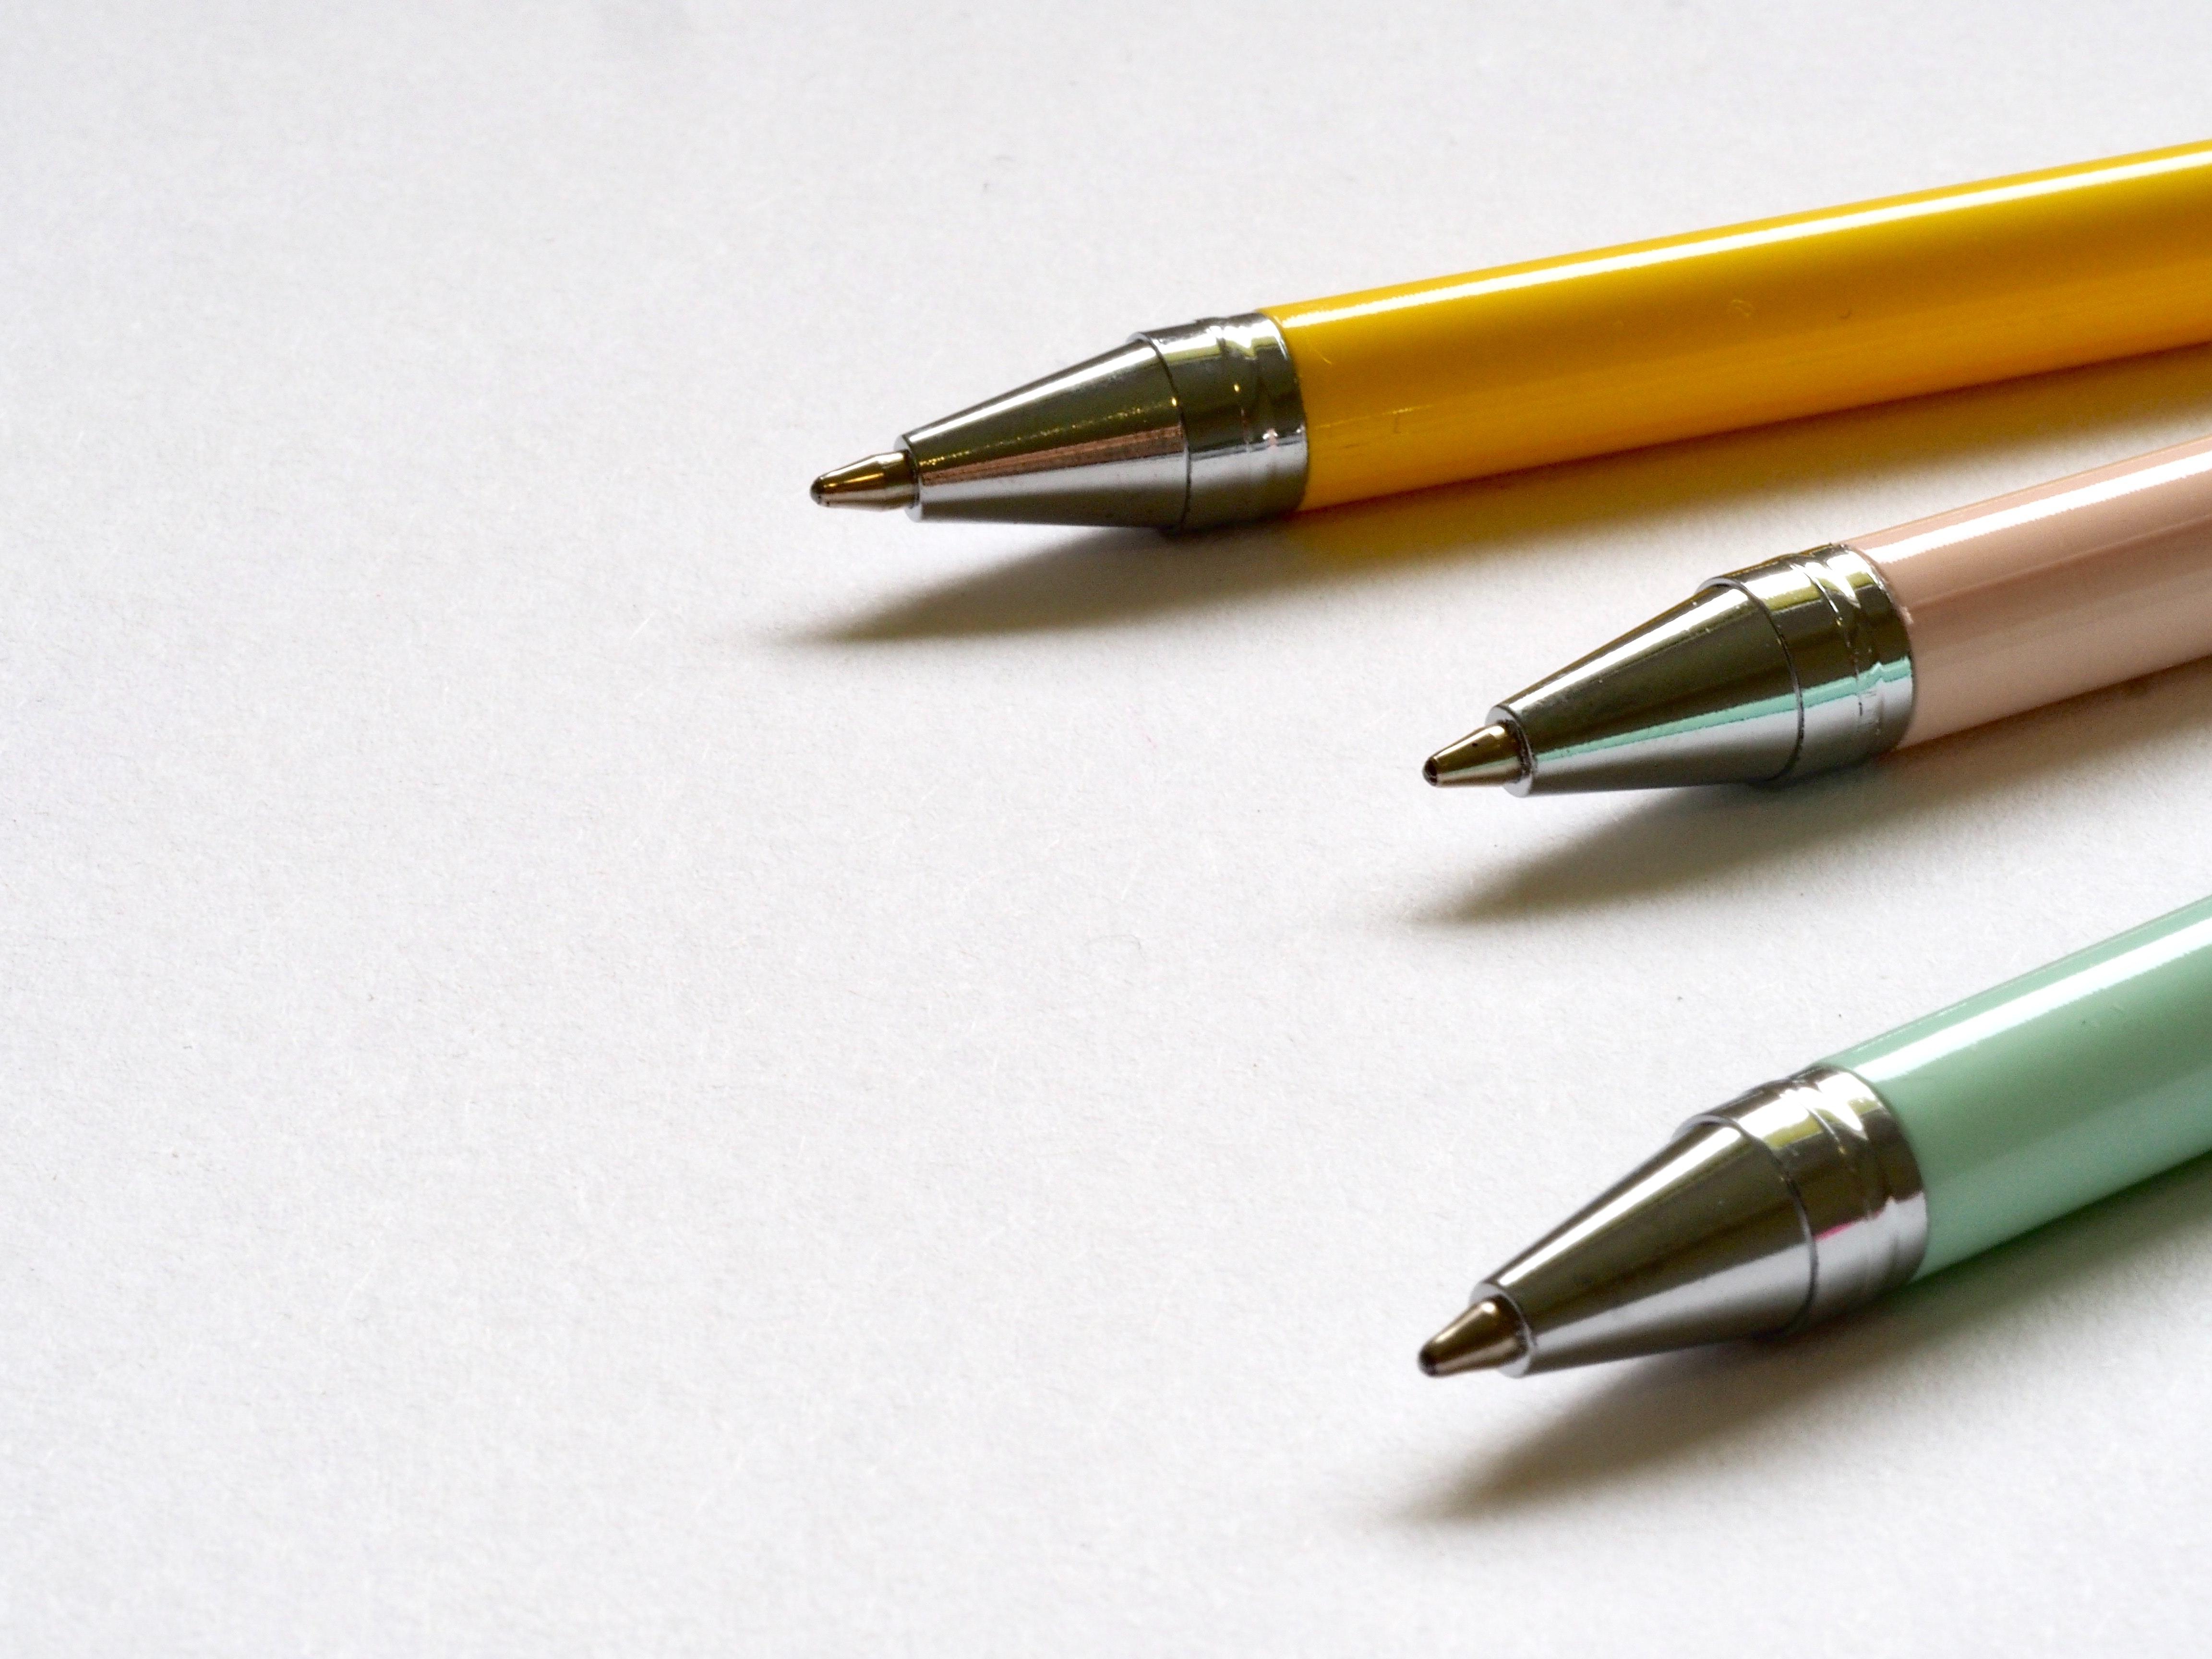 Kugelschreiber zusammen bauen - Vorsichtig!